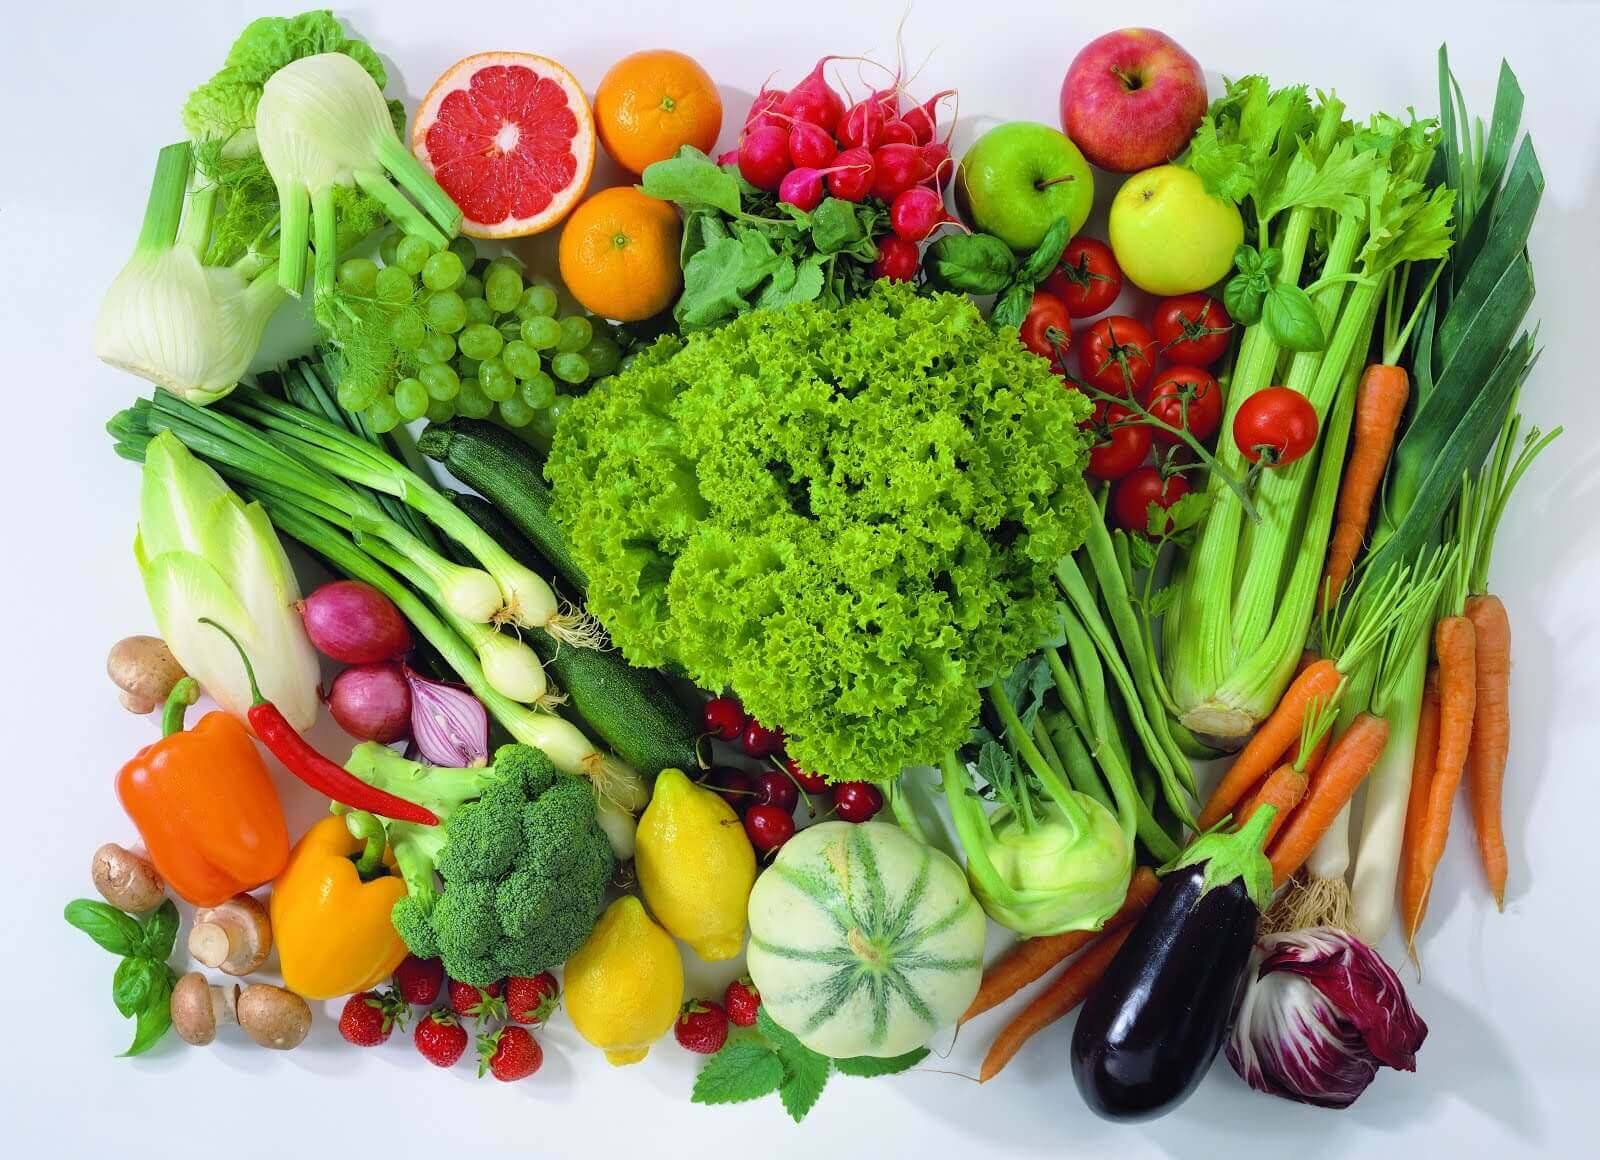 니트로사민을 포함하고 발암의 가능성이 있는 식품